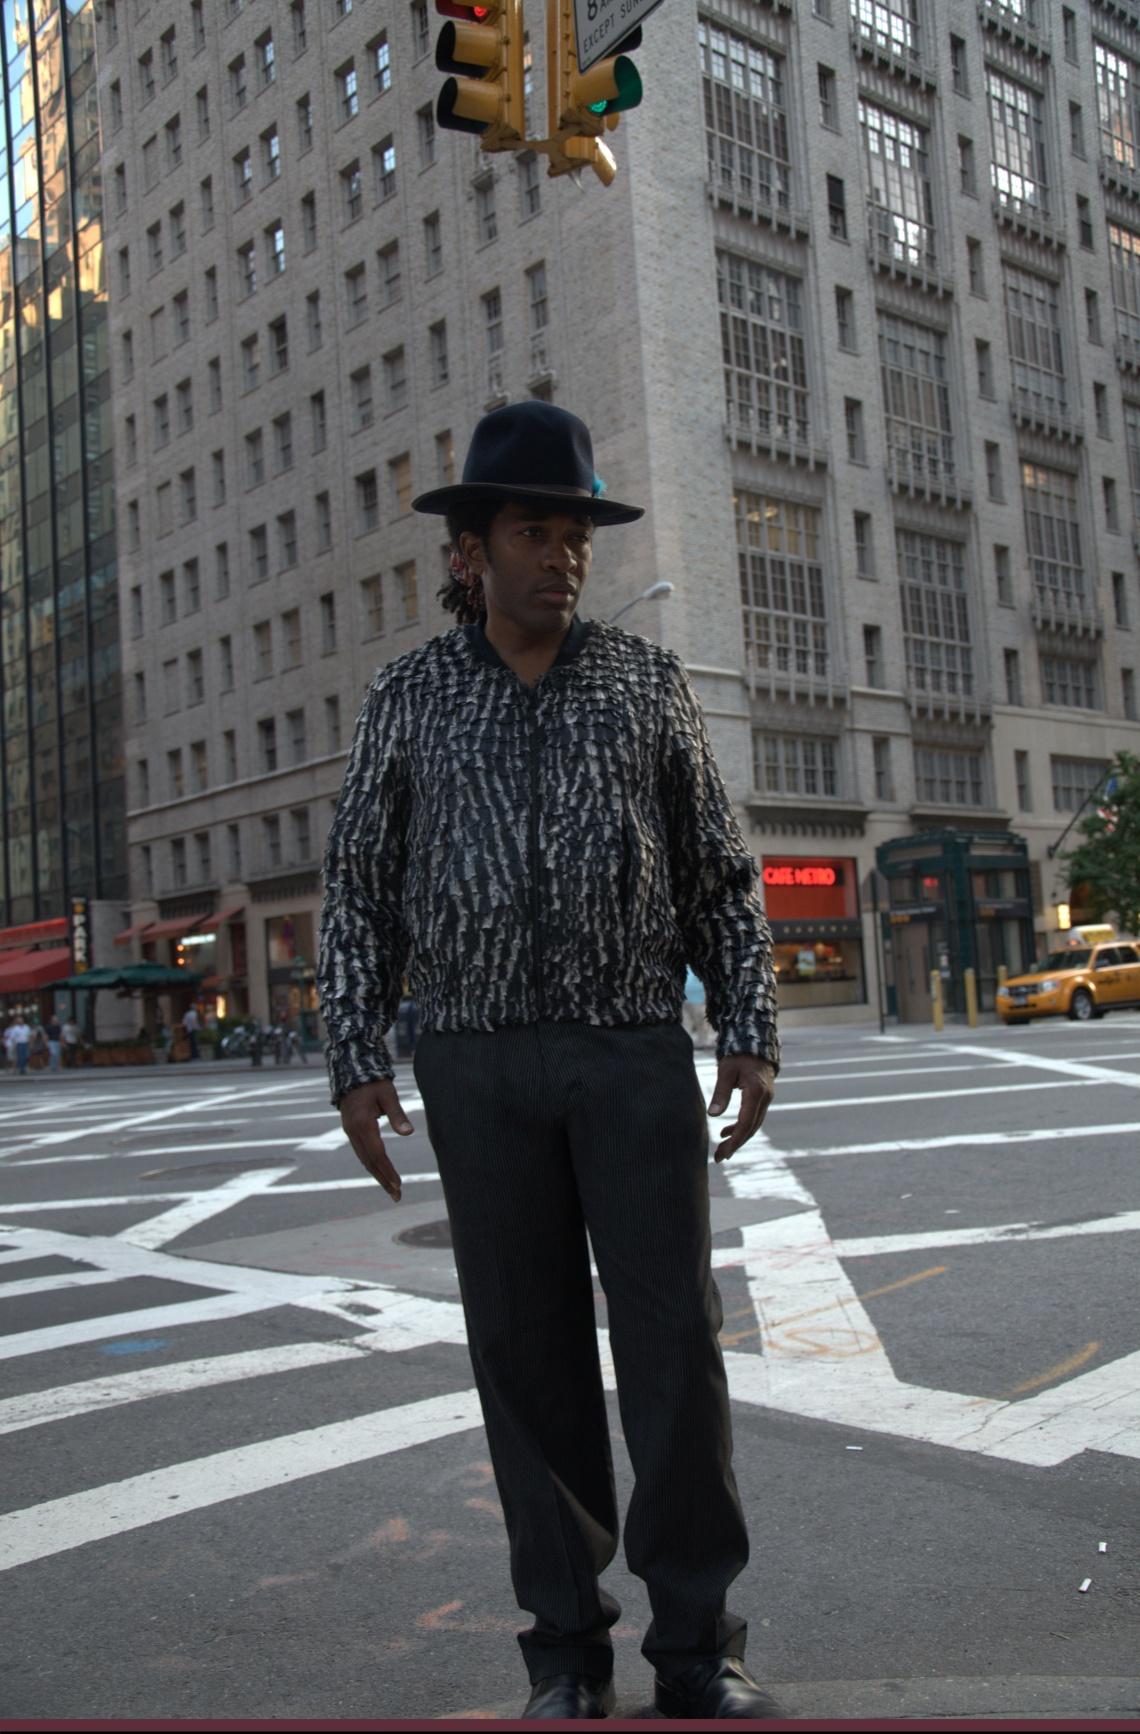 Photo courtesy James David. Wardrobe courtesy D. Lowe Location NYC